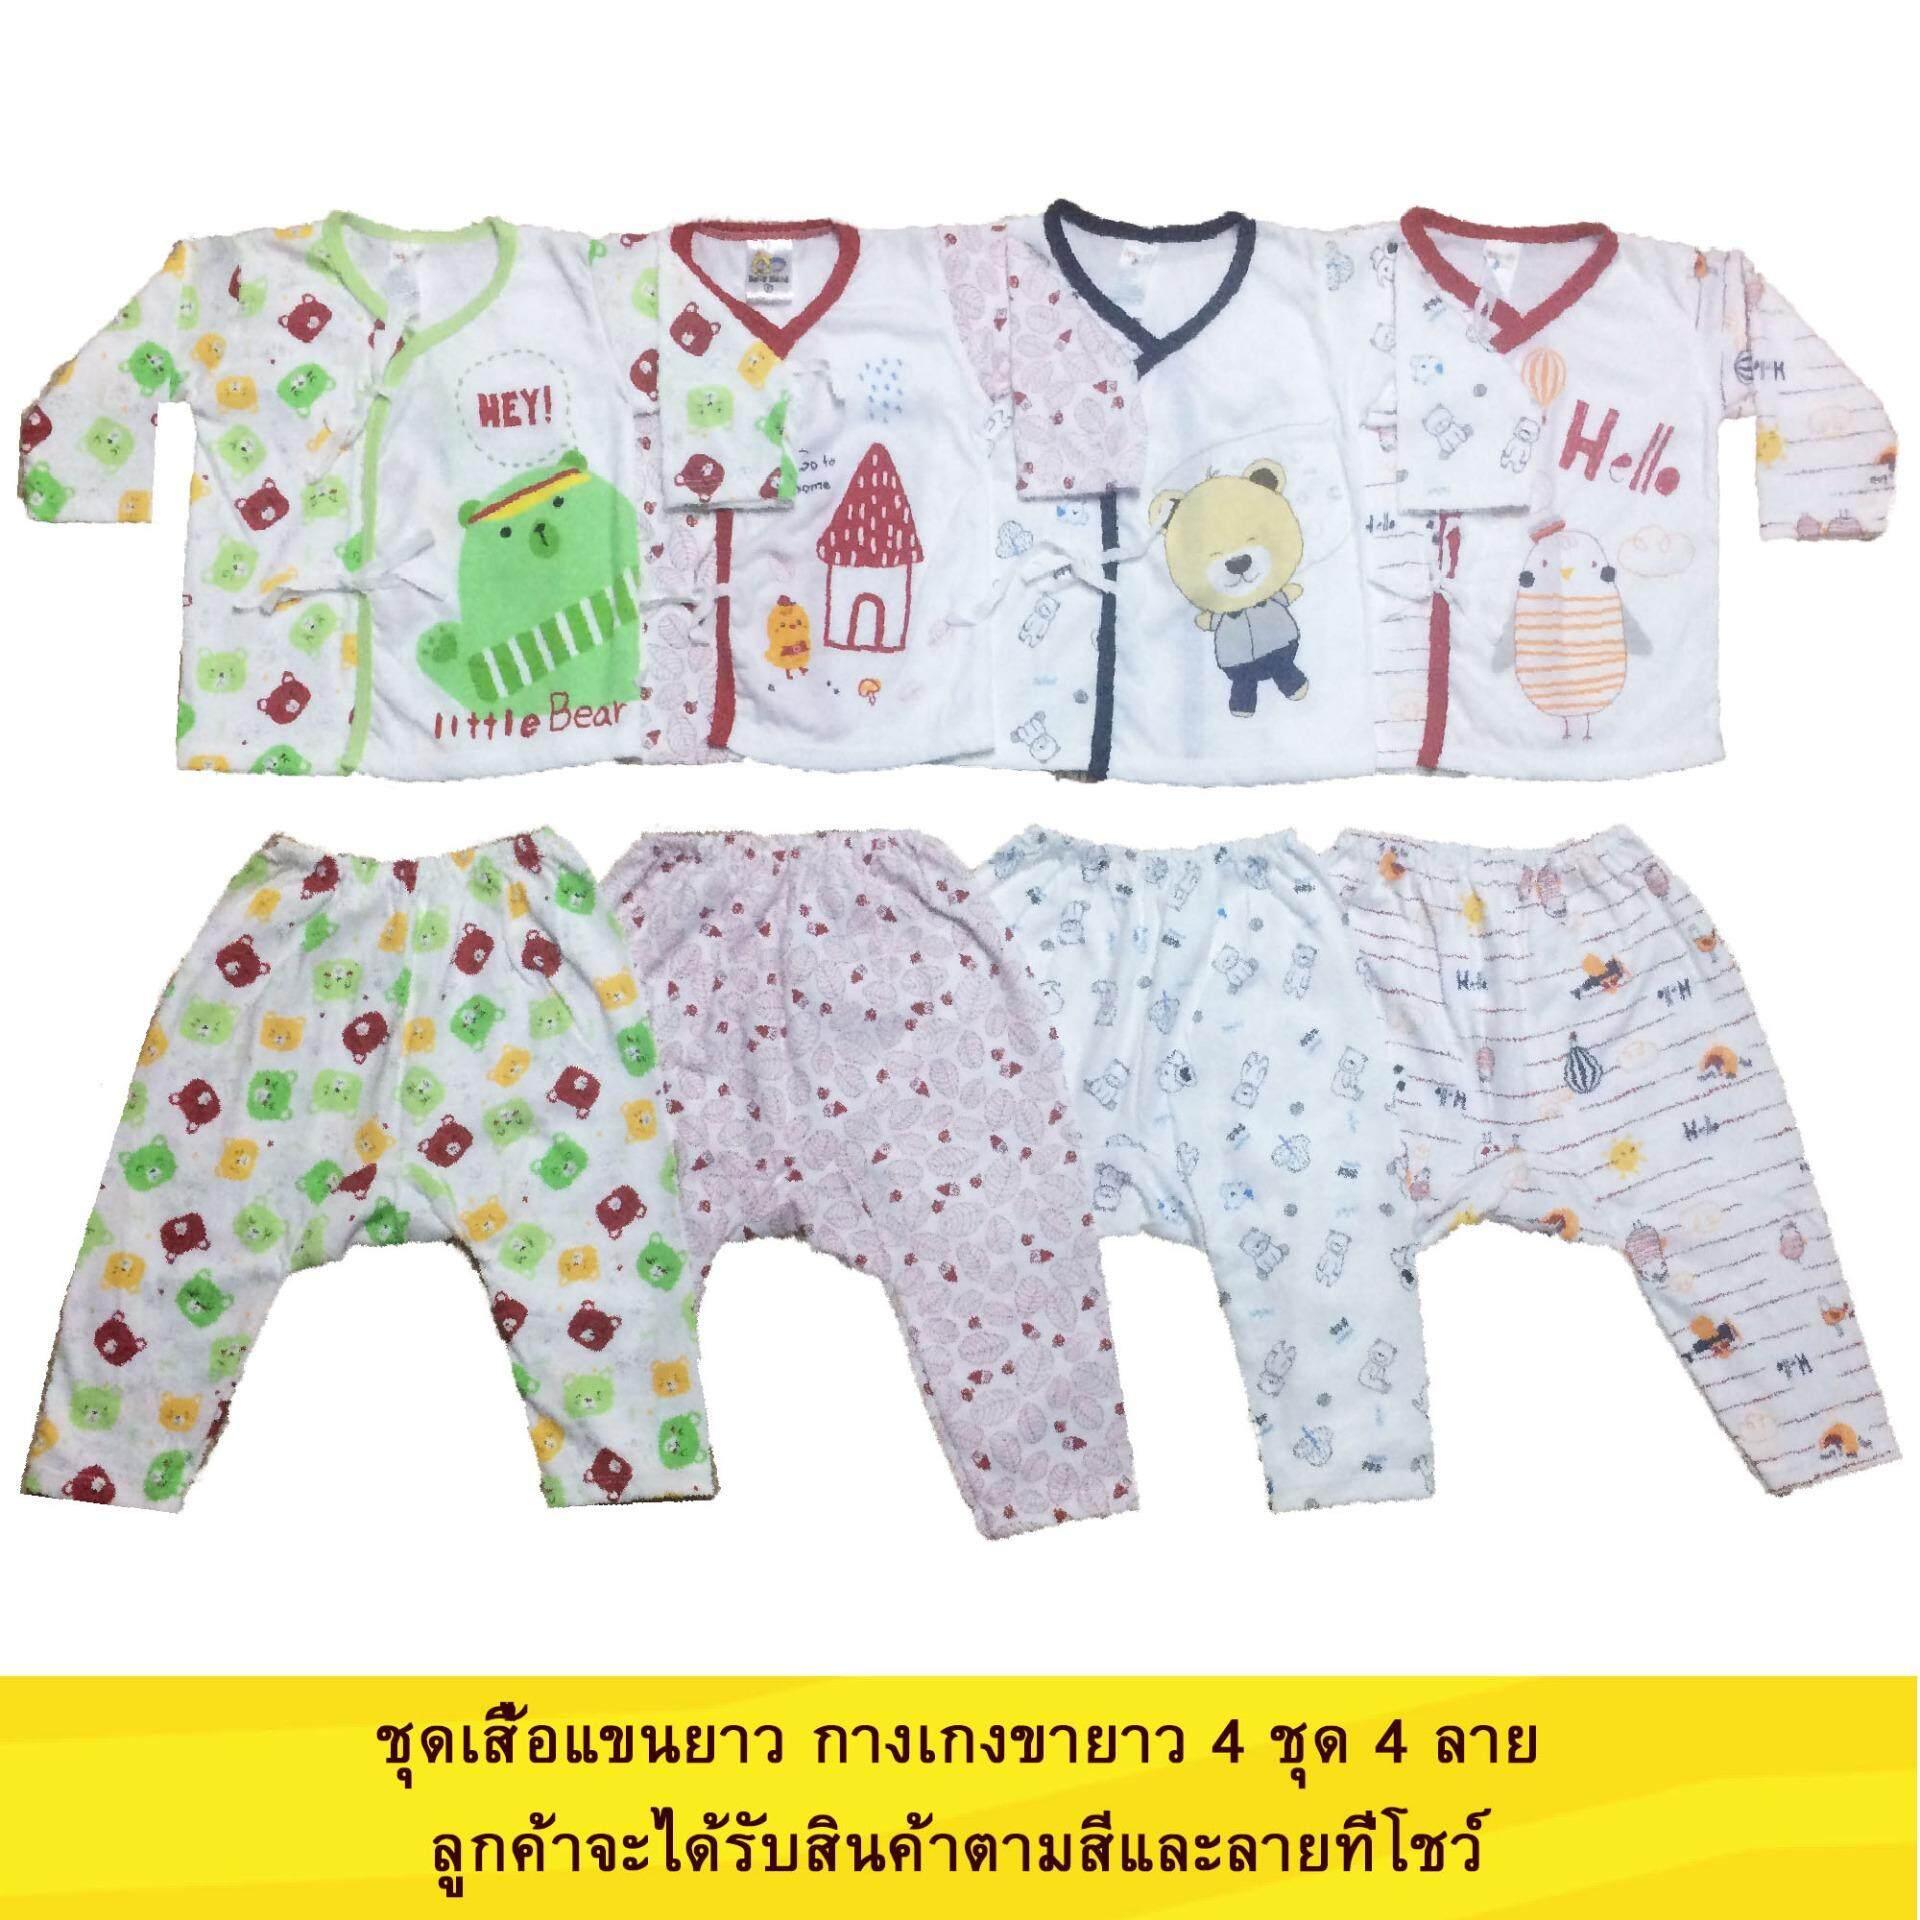 โปรโมชั่น Kamphu ชุดเด็กแรกเกิด เสื้อแขนยาว กางเกงขายาว เด็กหญิง เด็กชาย 4 ชุด